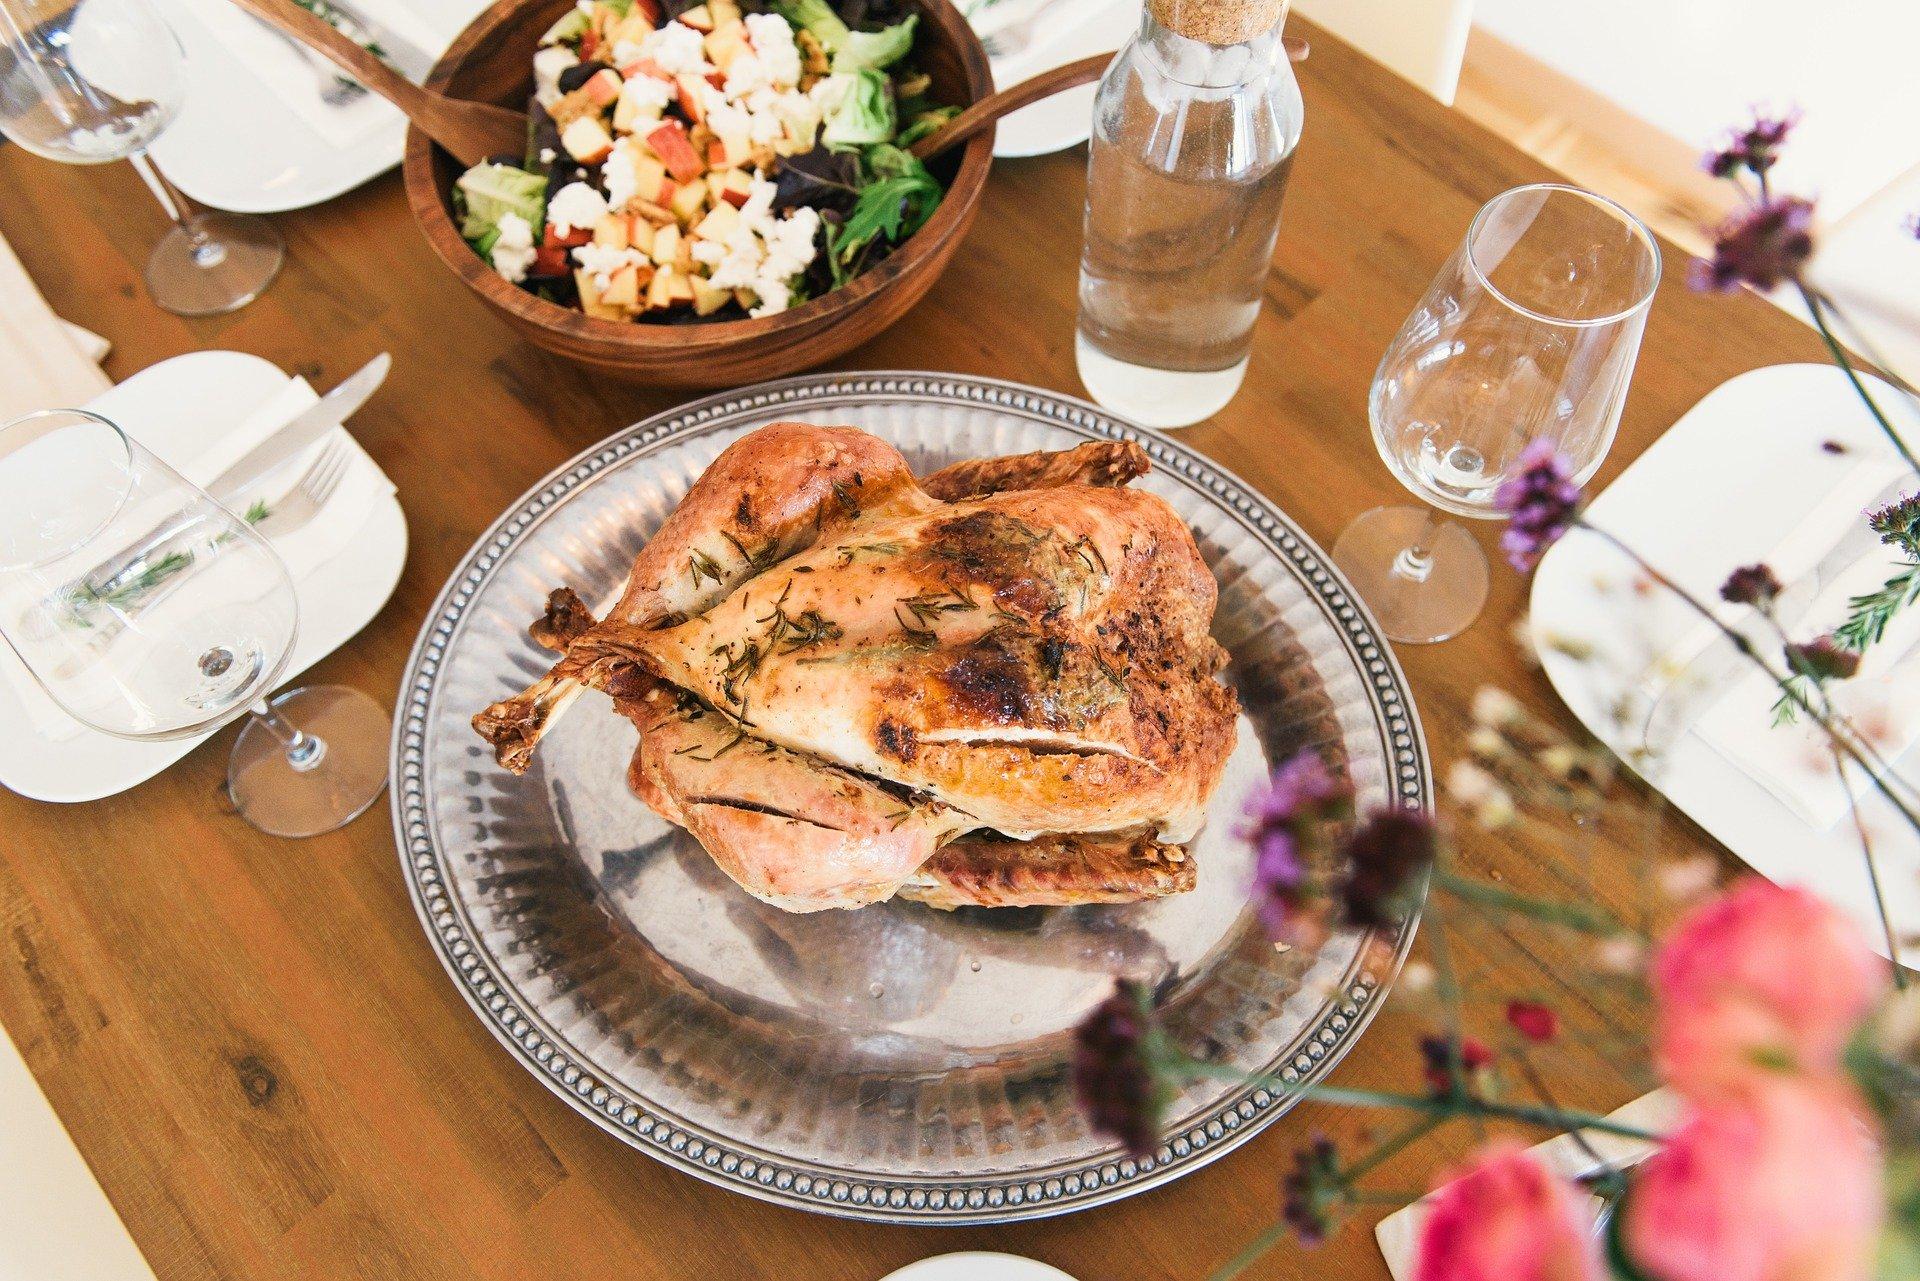 Le idee per il menù della festa del papà: i consigli